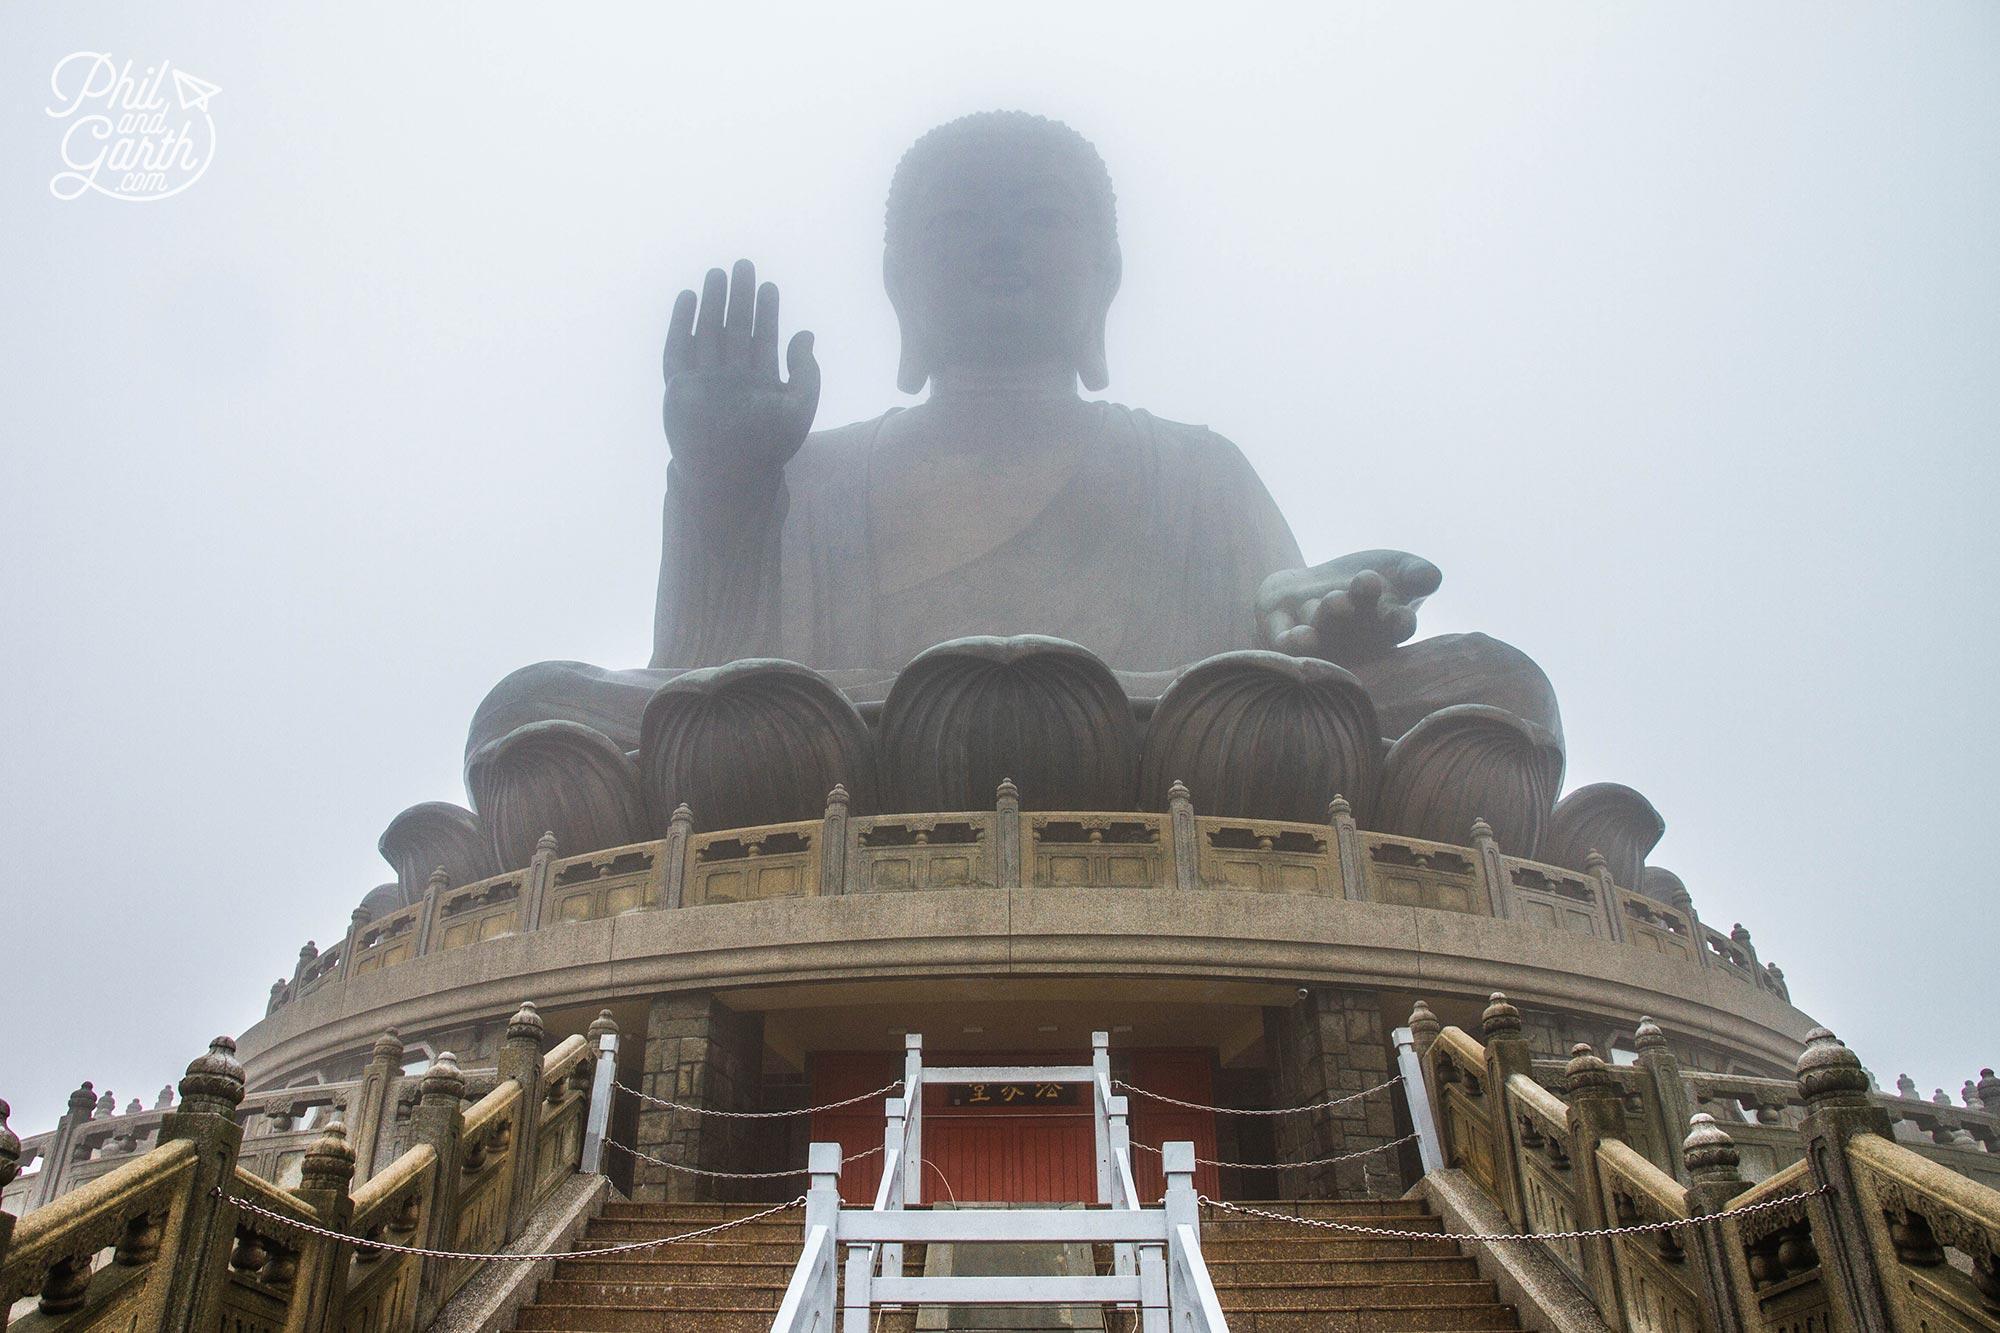 The Tian Tan Buddha